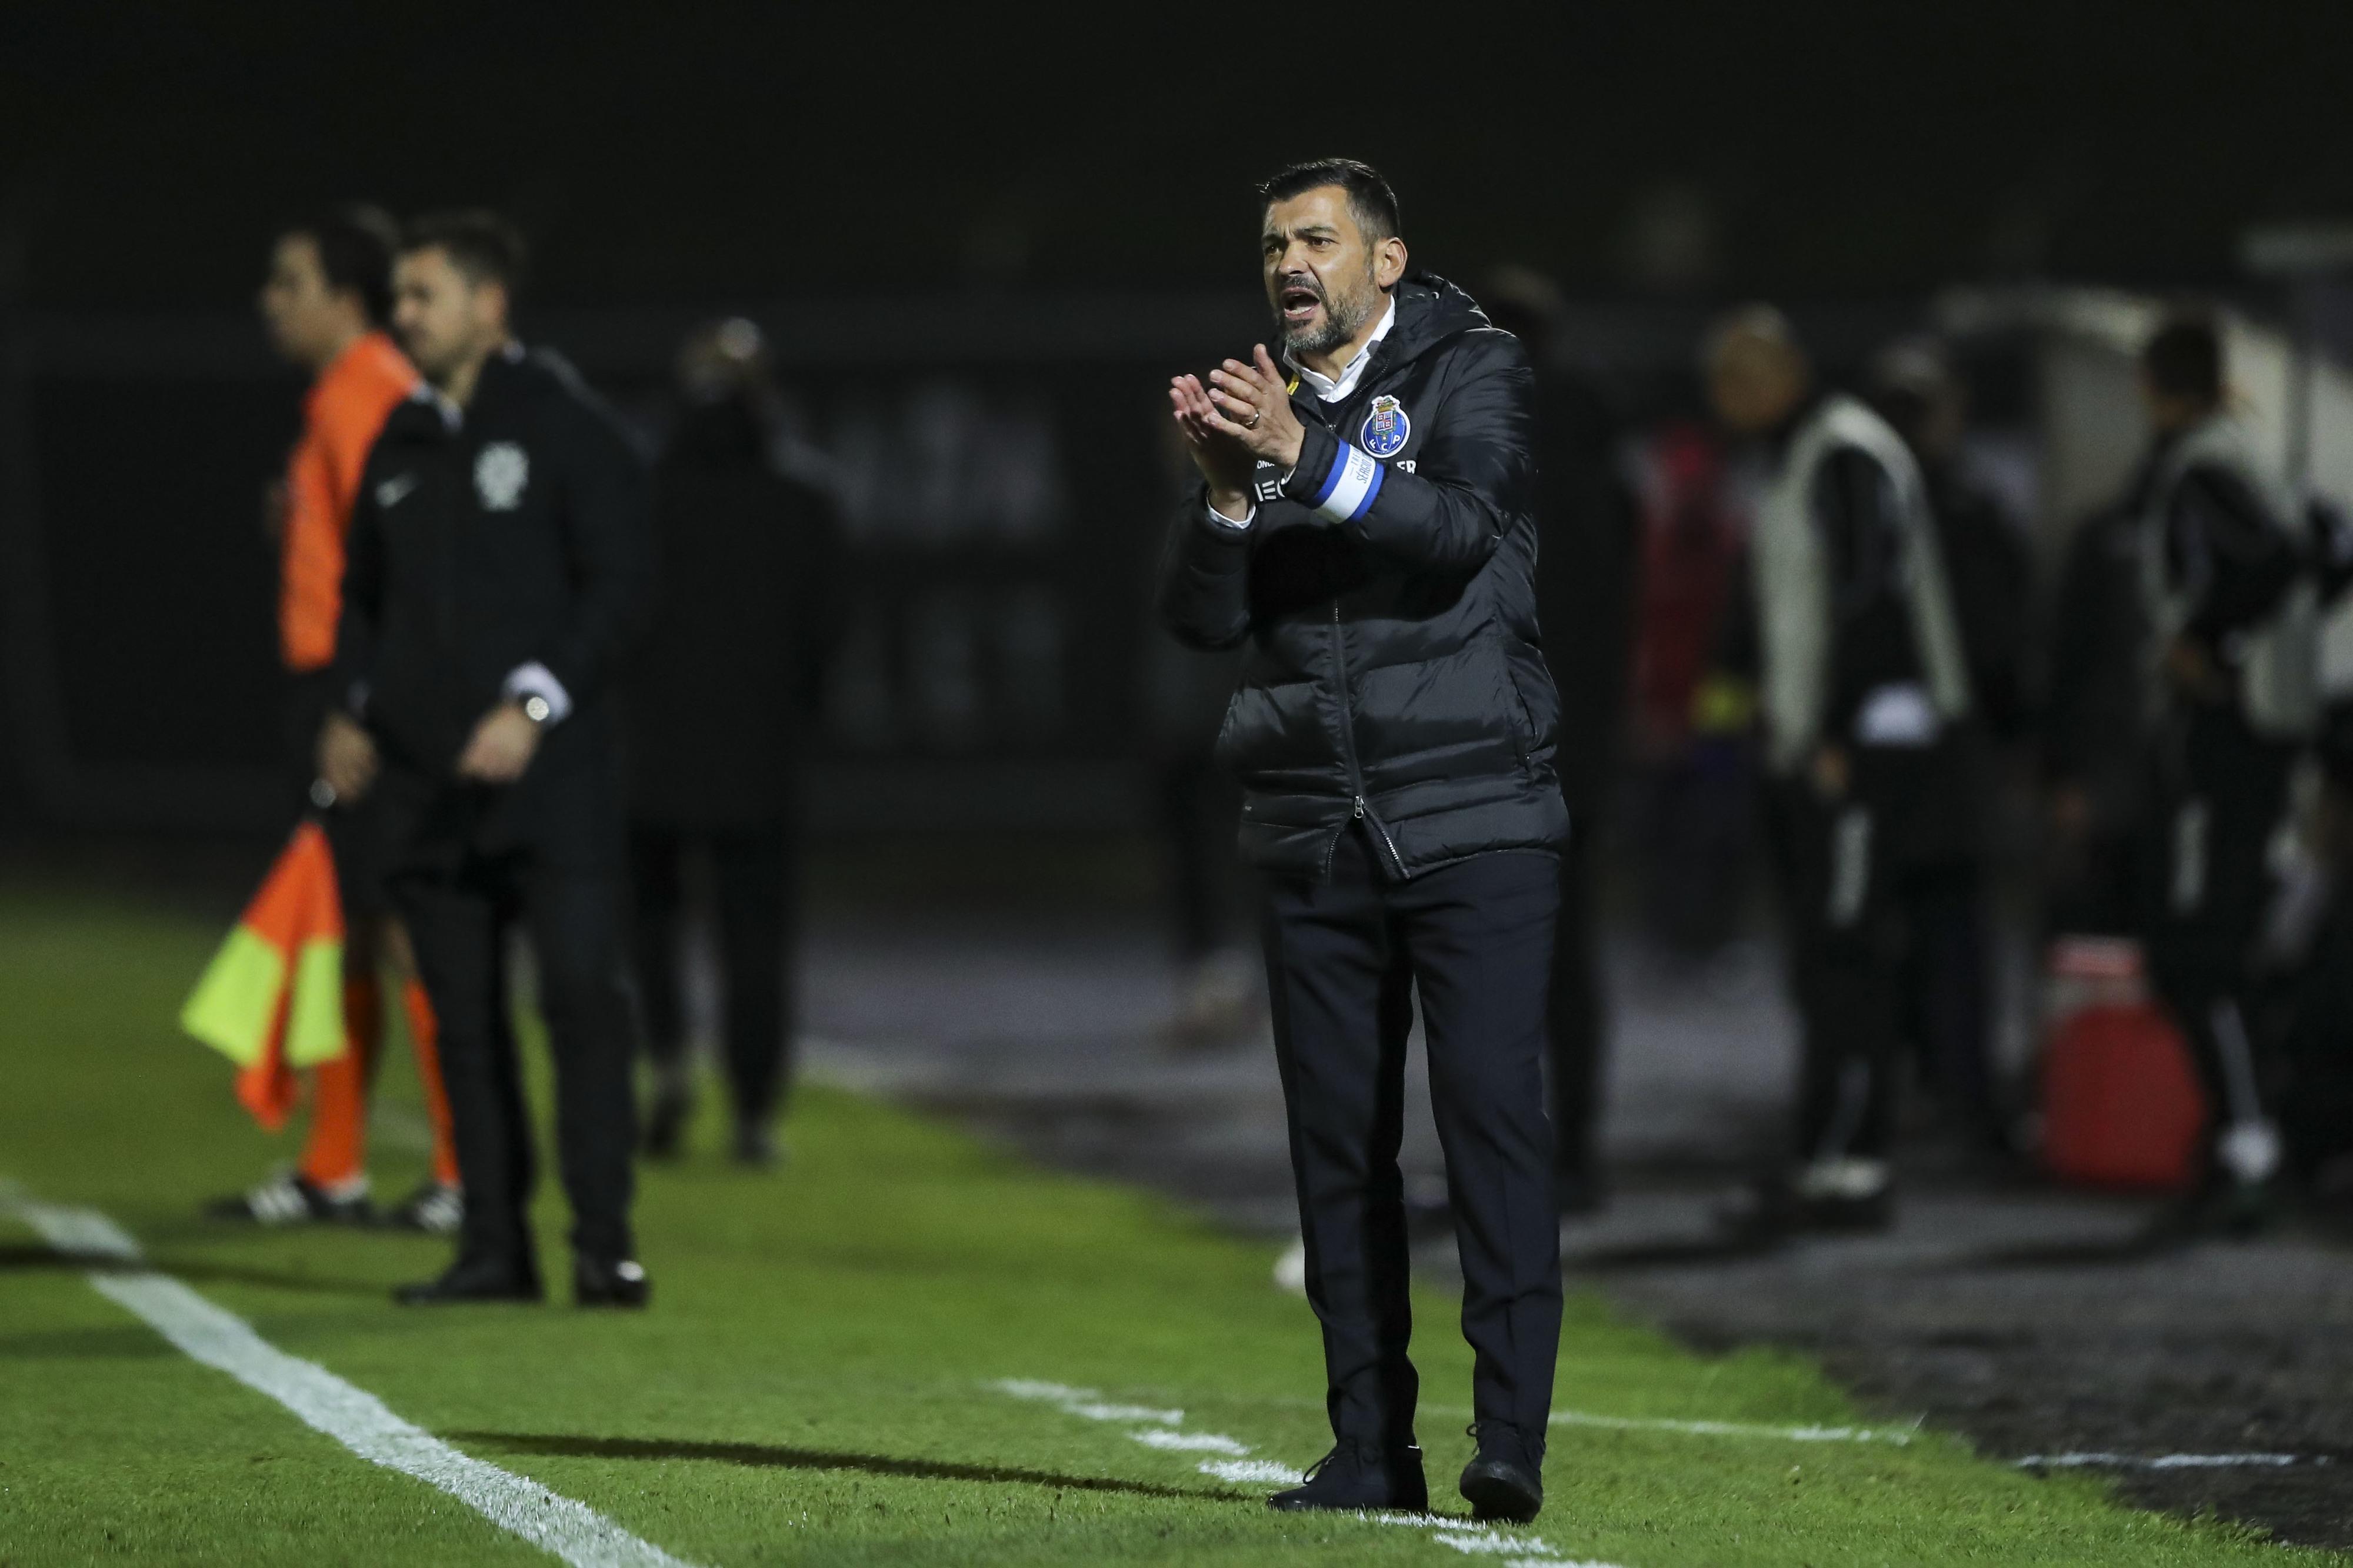 """Conceição e a aposta na formação: """"Não faço favores a ninguém. Se não têm arcaboiço para jogar na primeira equipa, não jogam"""""""